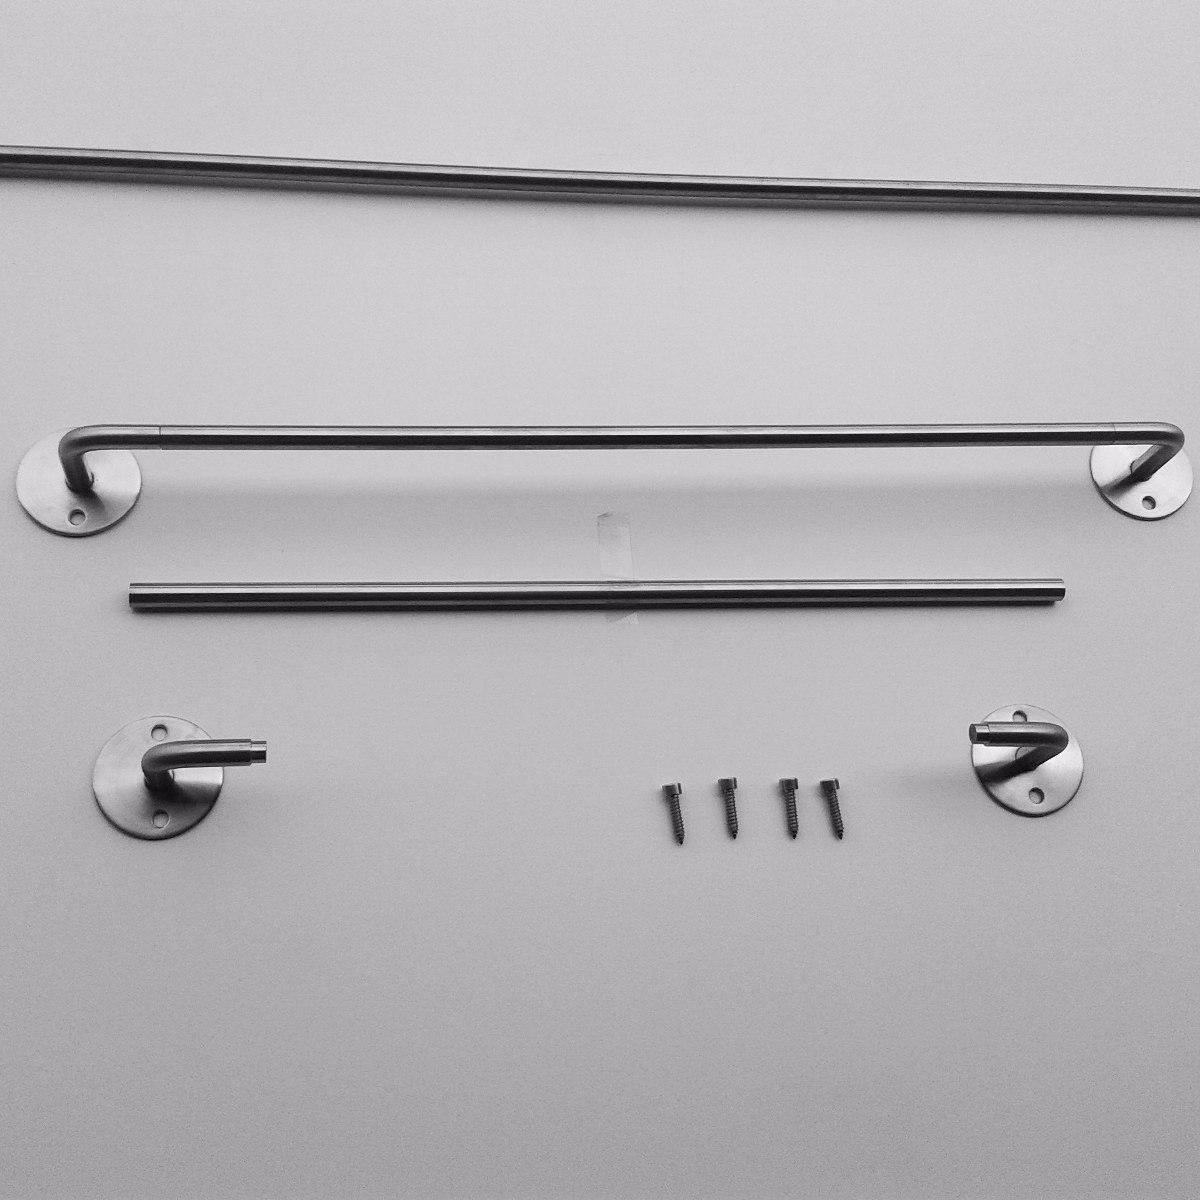 Accesorios para ba o porta toallas de acero inoxidable for Accesorios de bano precios